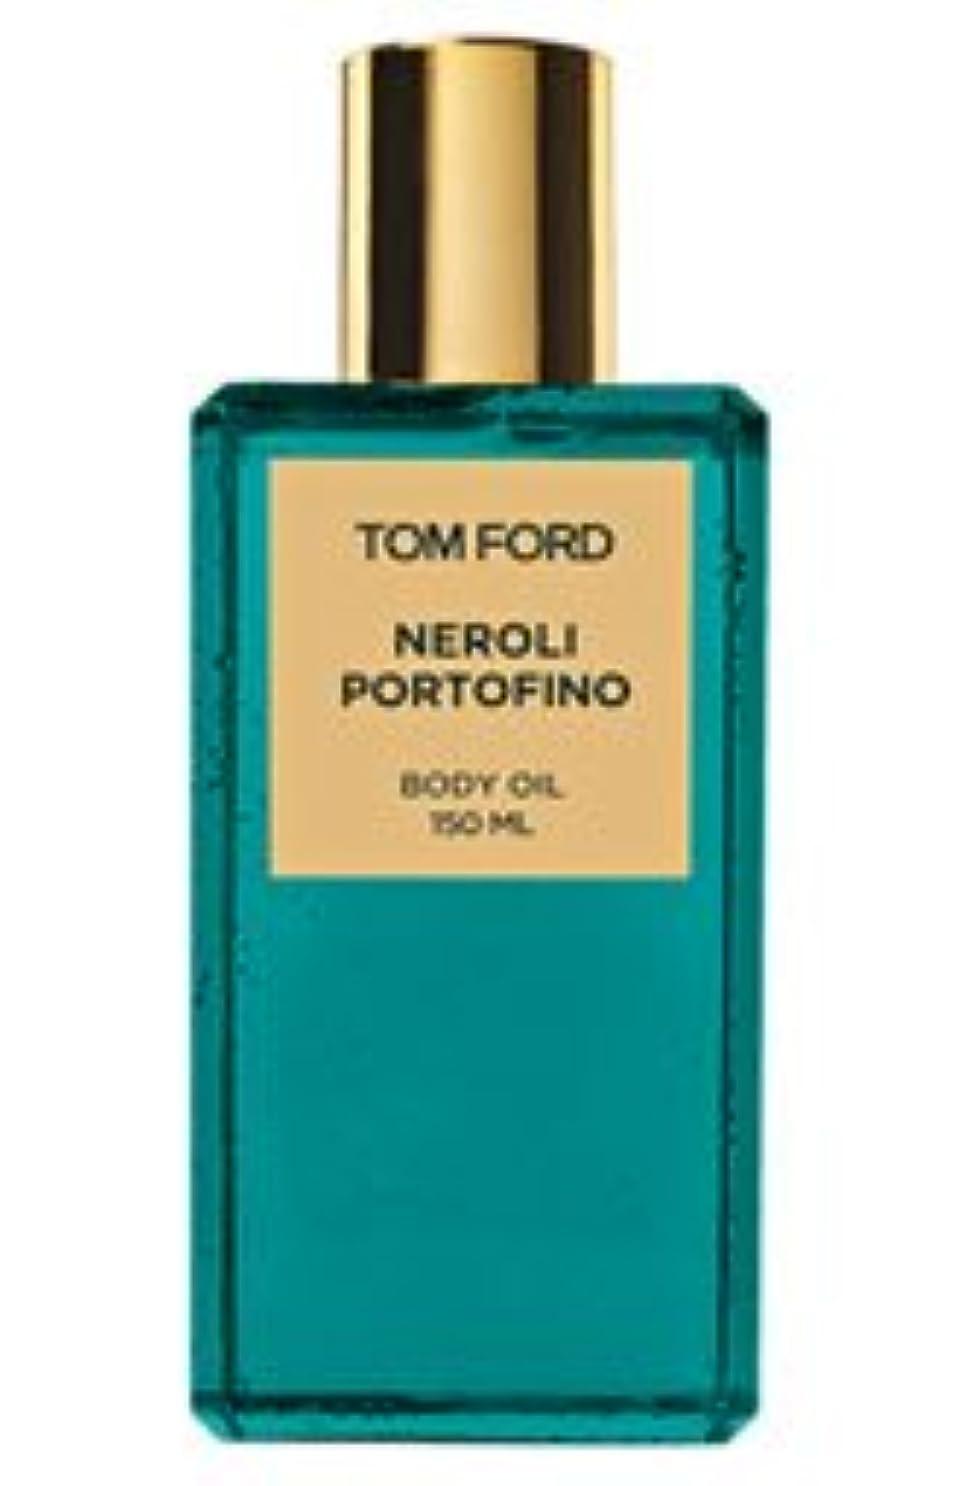 技術盗賊ミスペンドTom Ford Private Blend 'Neroli Portofino' (トムフォード プライベートブレンド ネロリポートフィーノ) 5.0 oz (150ml) Body Oil for Unisex